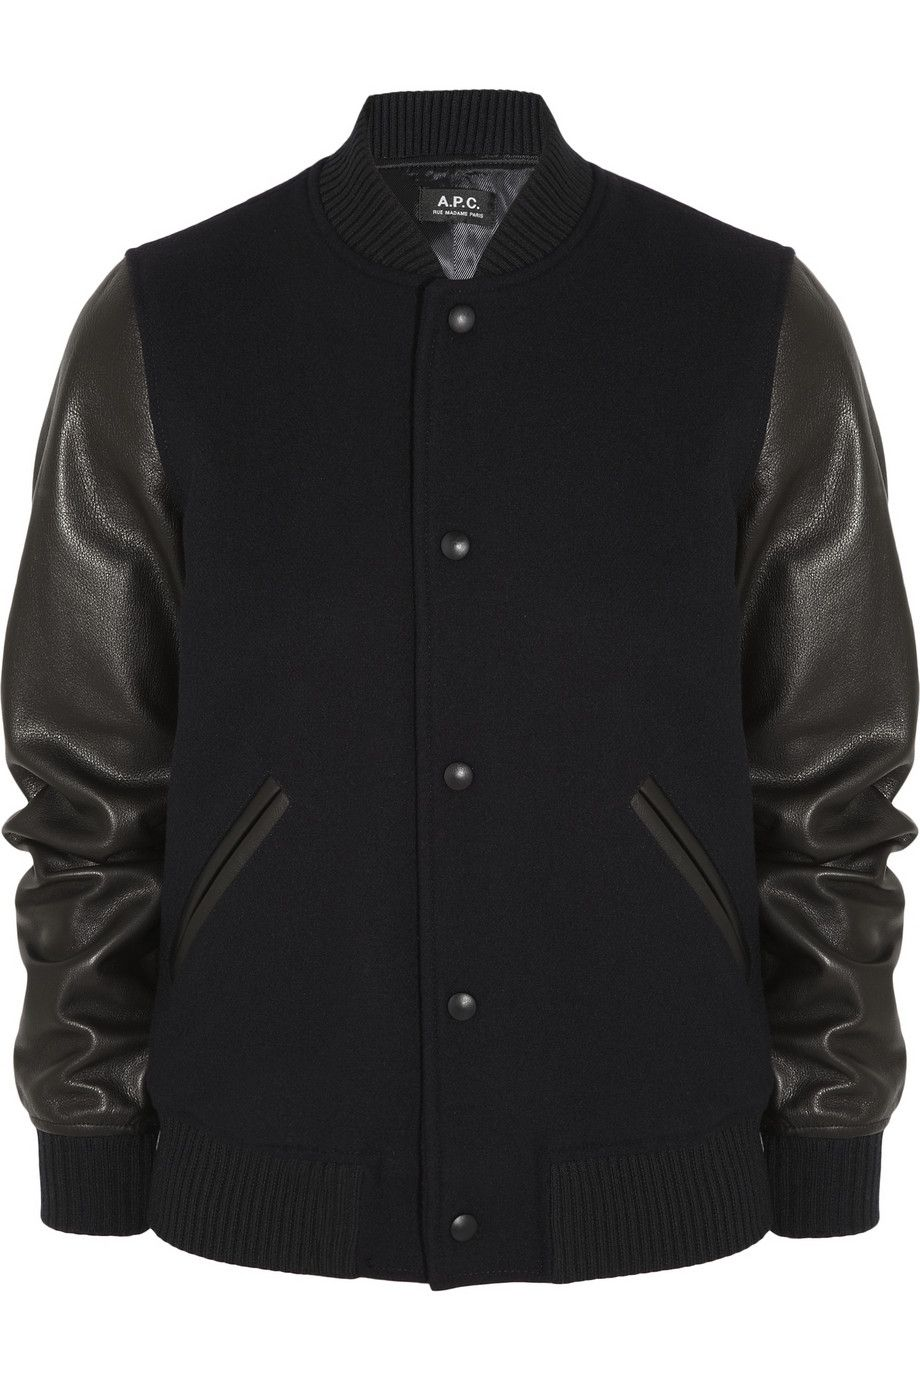 Black Leather And Wool Blend Bomber Jacket A P C Atelier De Production Et De Creation [ 1380 x 920 Pixel ]